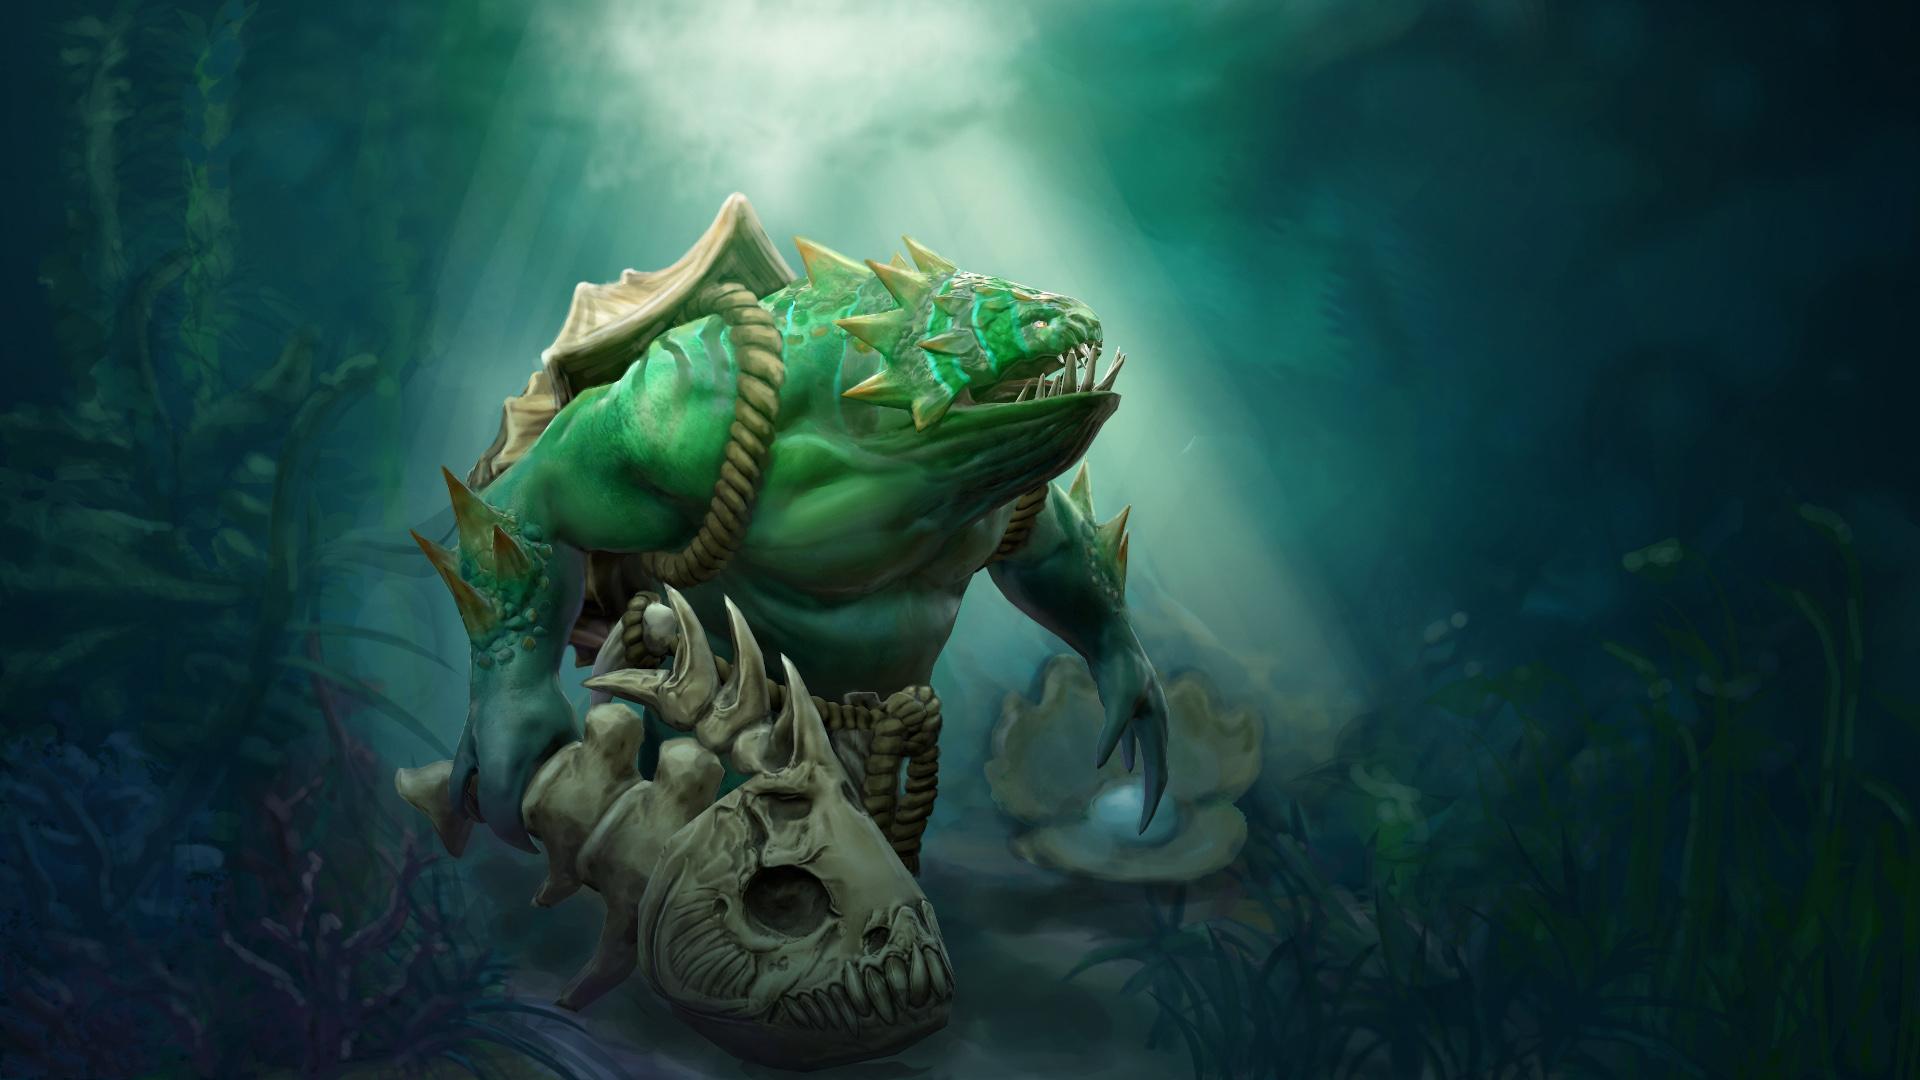 Wallpaper DOTA 2 Tidehunter monster Fantasy vdeo game 1920x1080 1920x1080